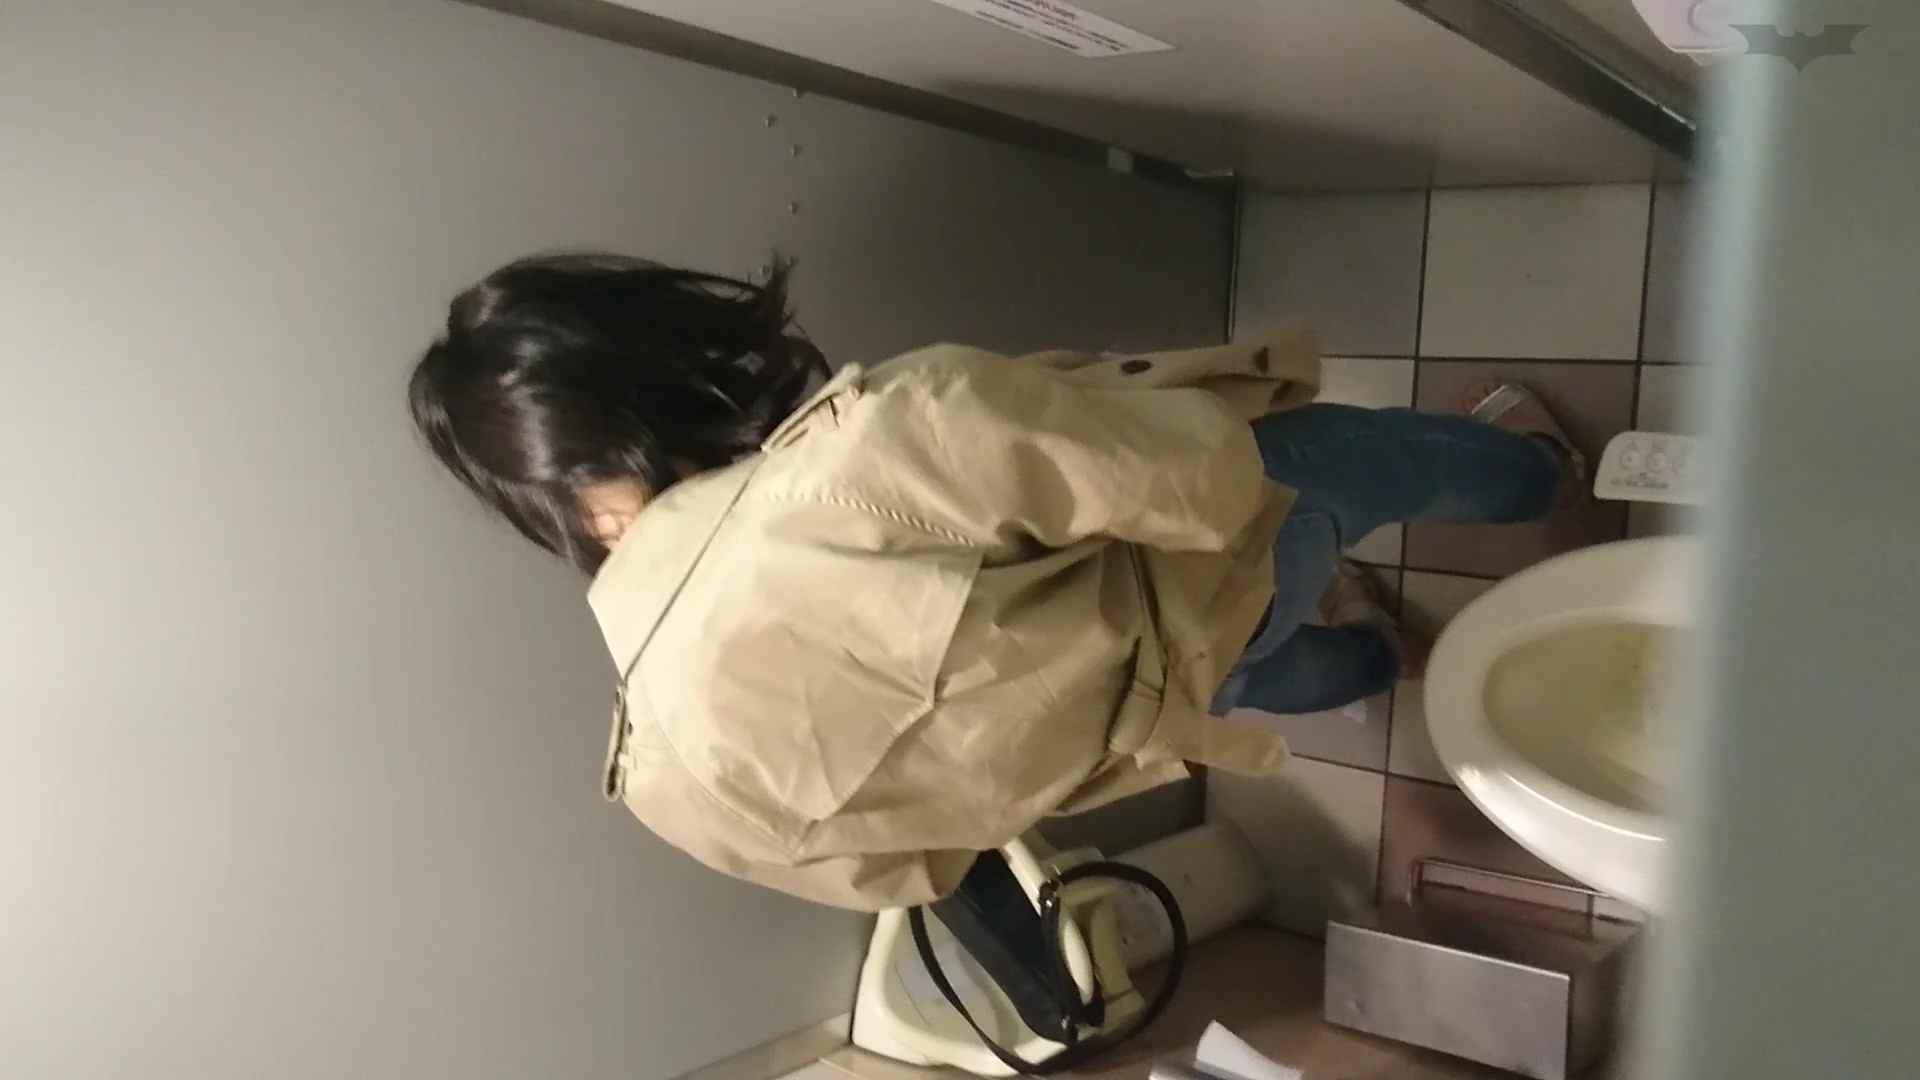 化粧室絵巻 ショッピングモール編 VOL.22 OL | 0  79連発 15